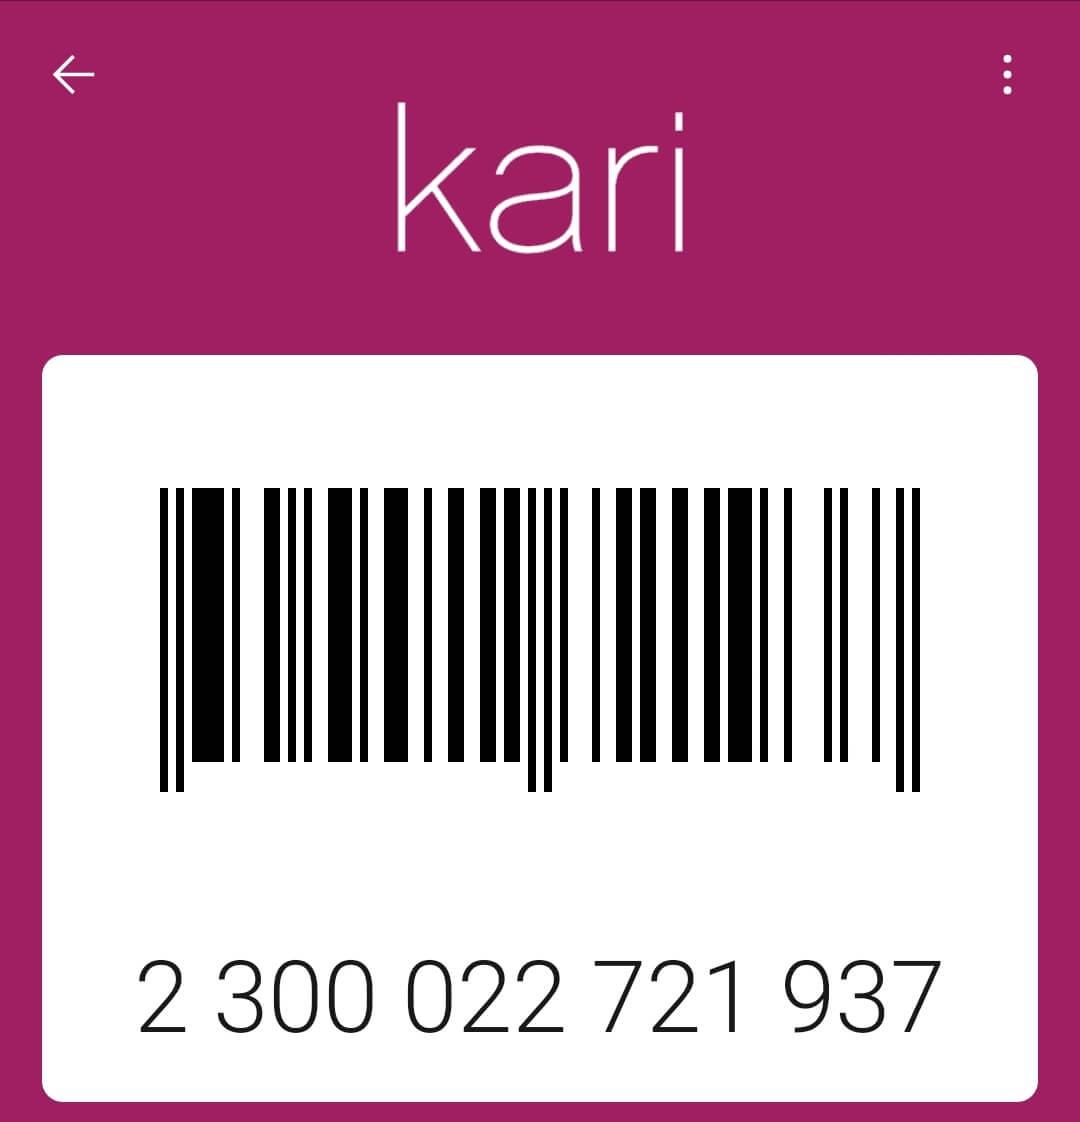 Штрих код карты Кари